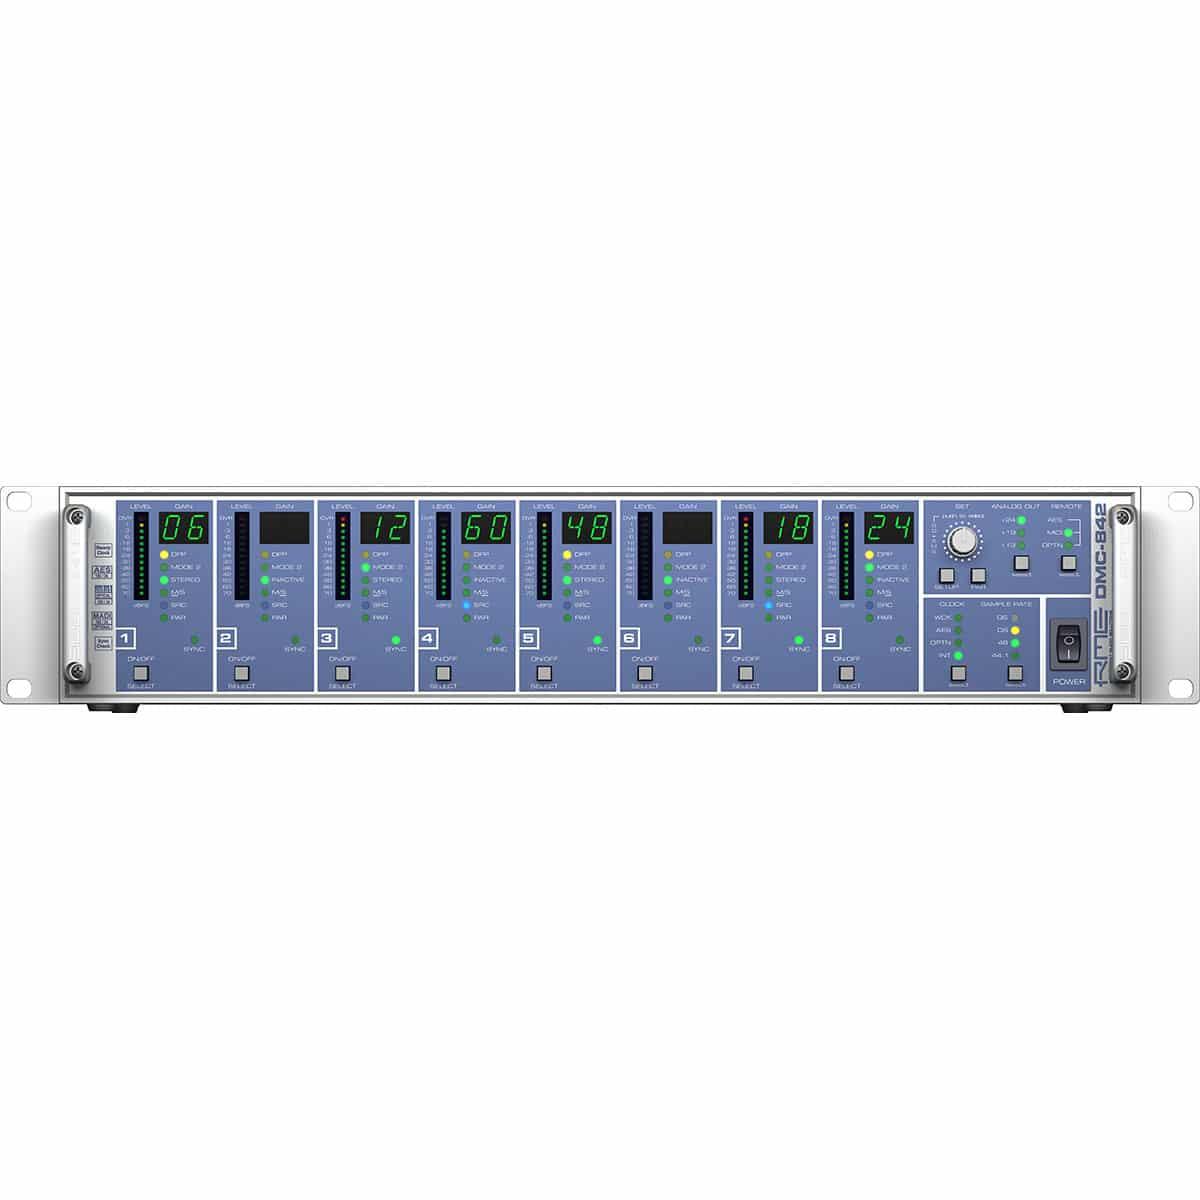 RME DMC 842 03 Convertitori Audio, Pro Audio, Outboard, Preamplificatori Microfonici, Audio Digitale